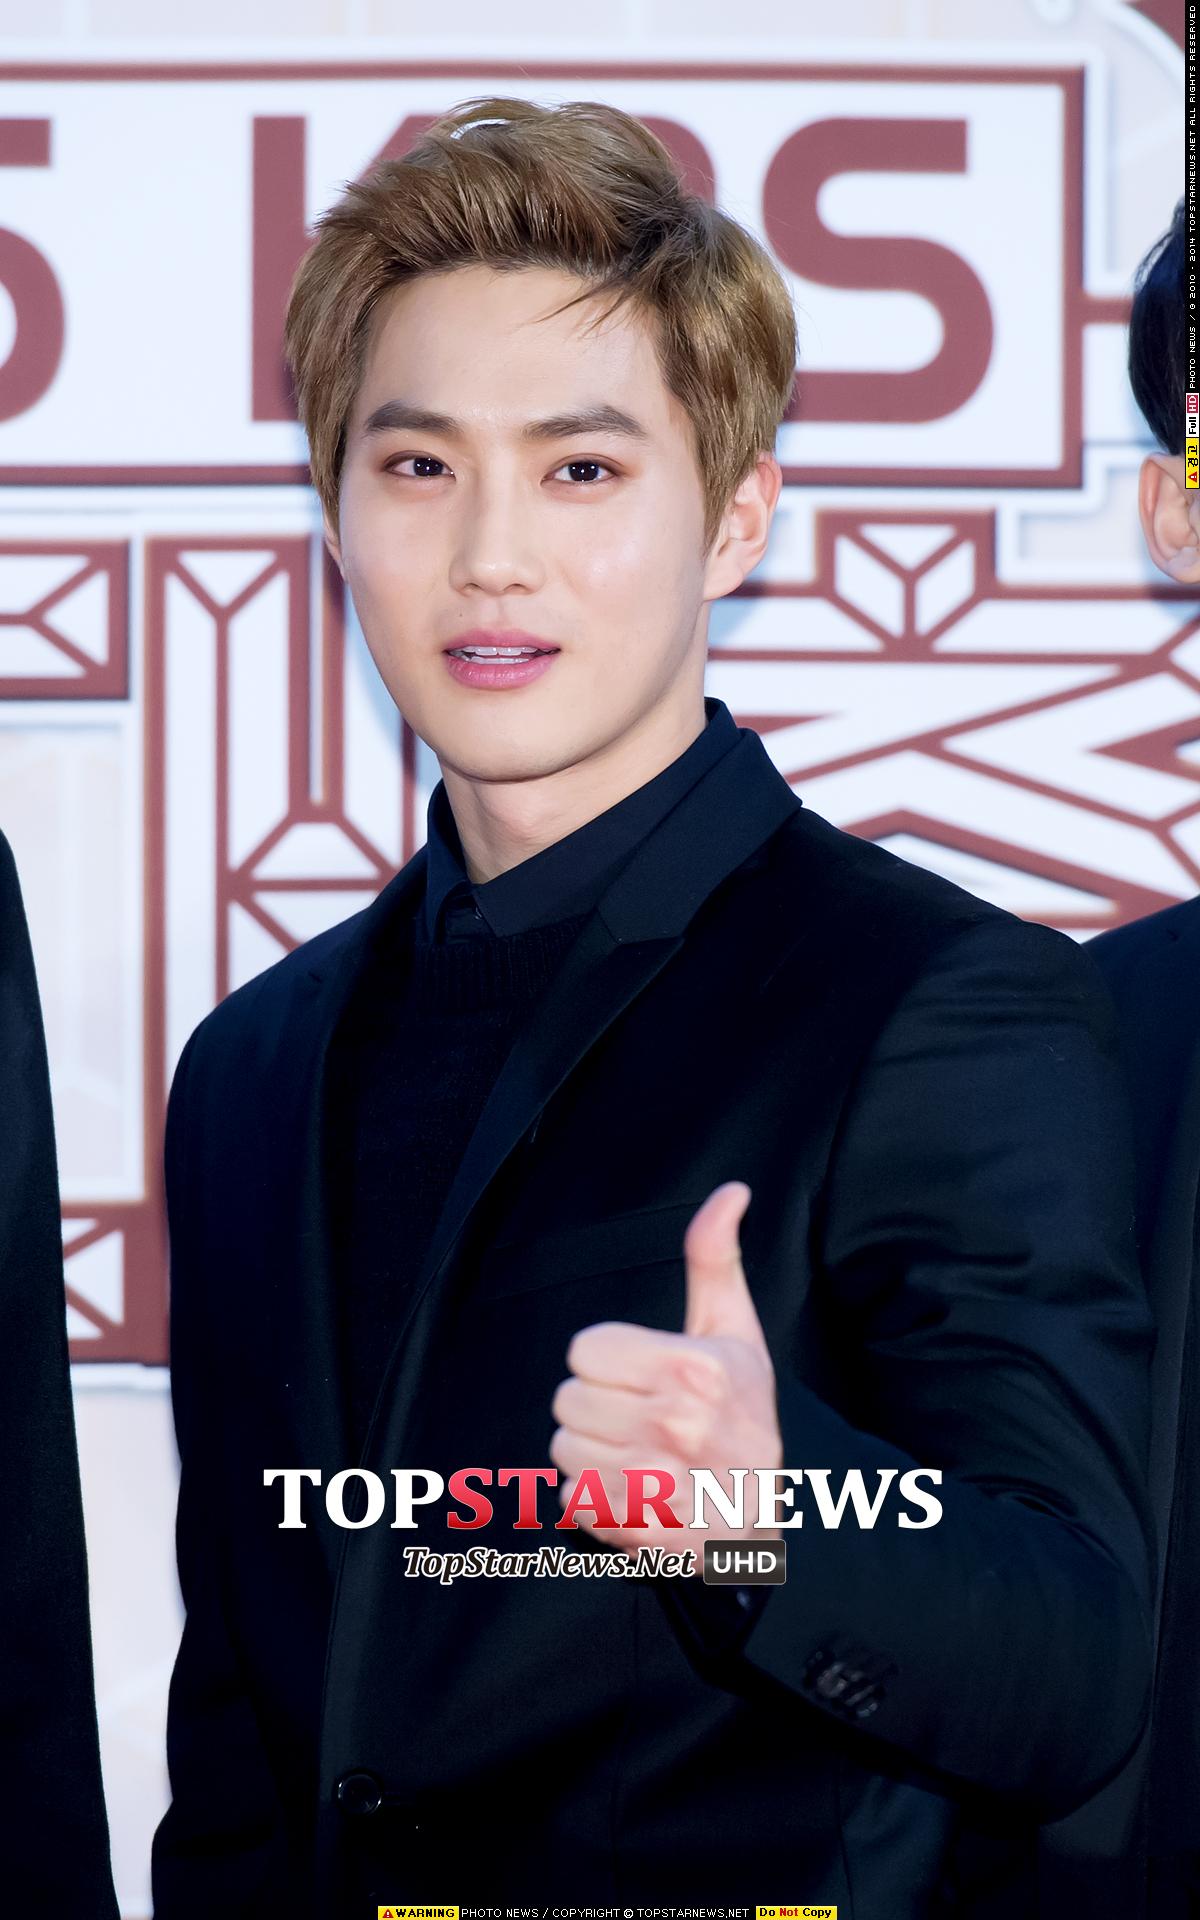 TOP1 EXO SUHO 20,556票  多金、俊美、好脾氣 無論放在家裡還是帶出去,超有面子阿!